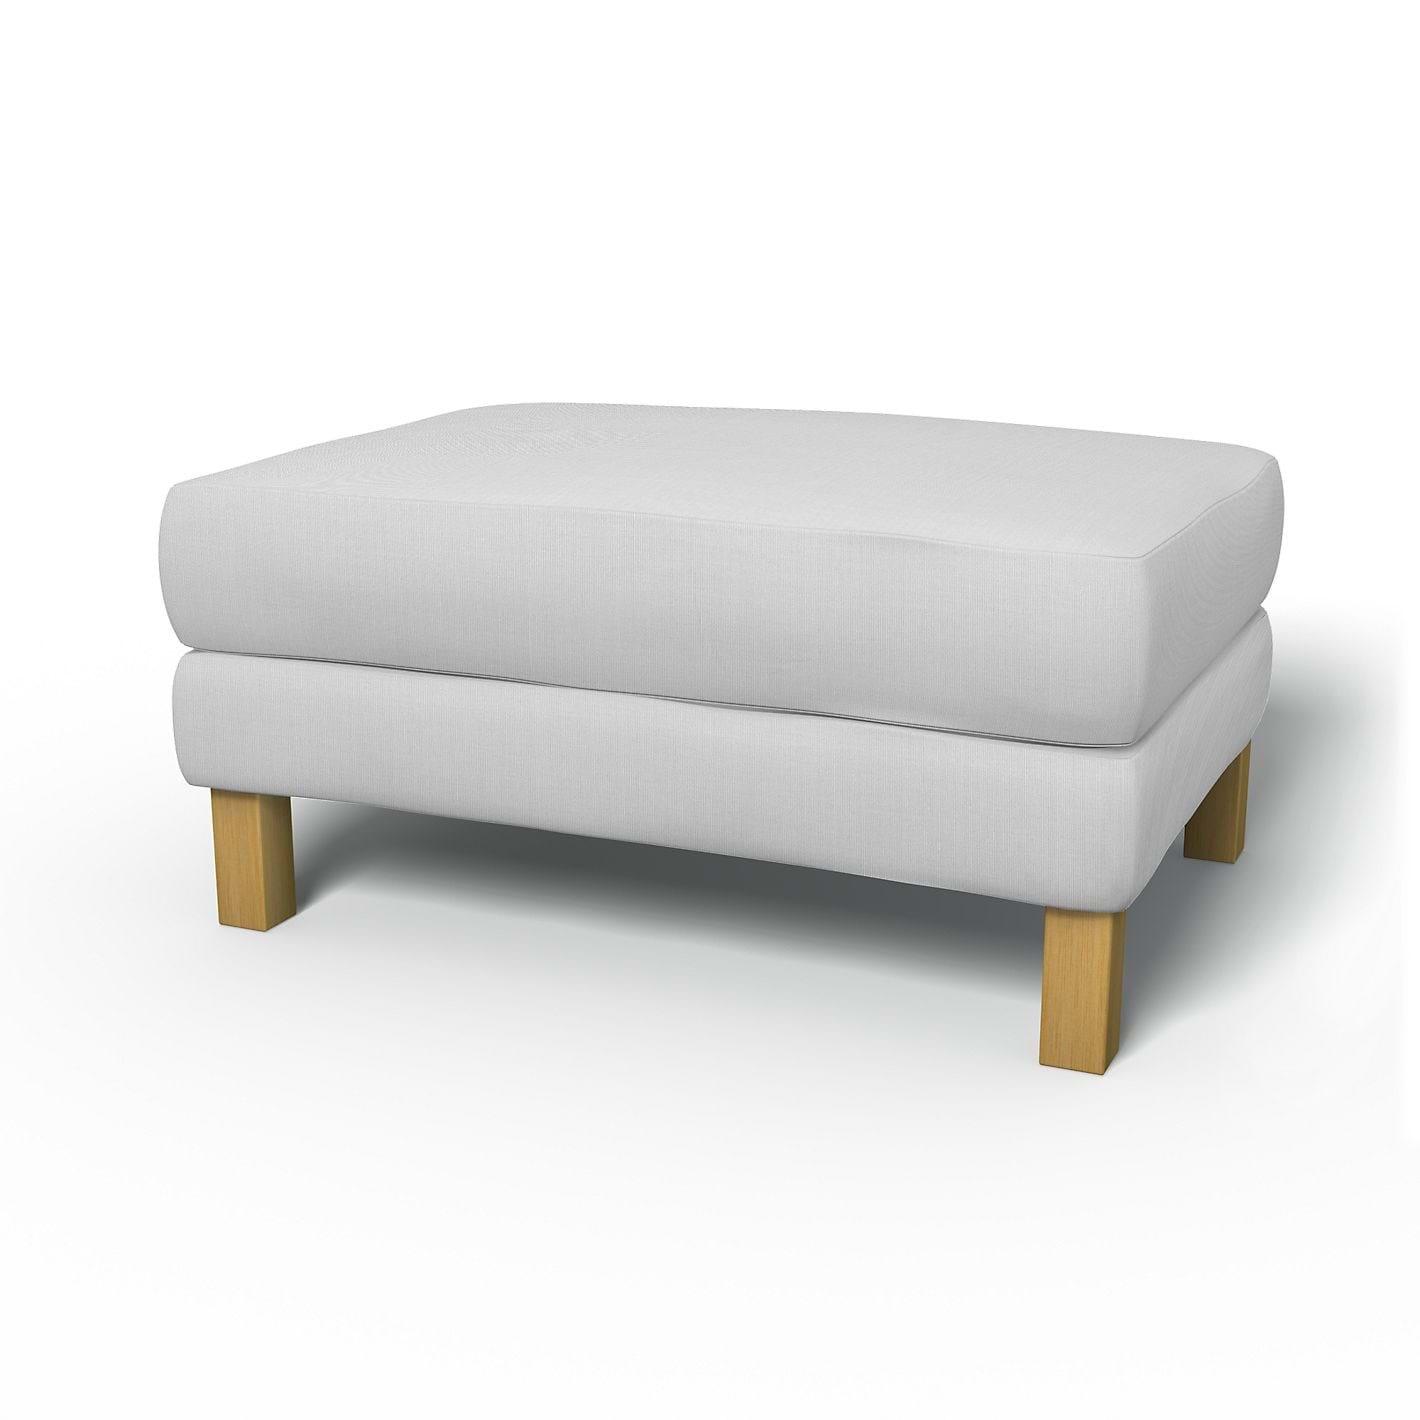 housses de createurs pour meubles ikea